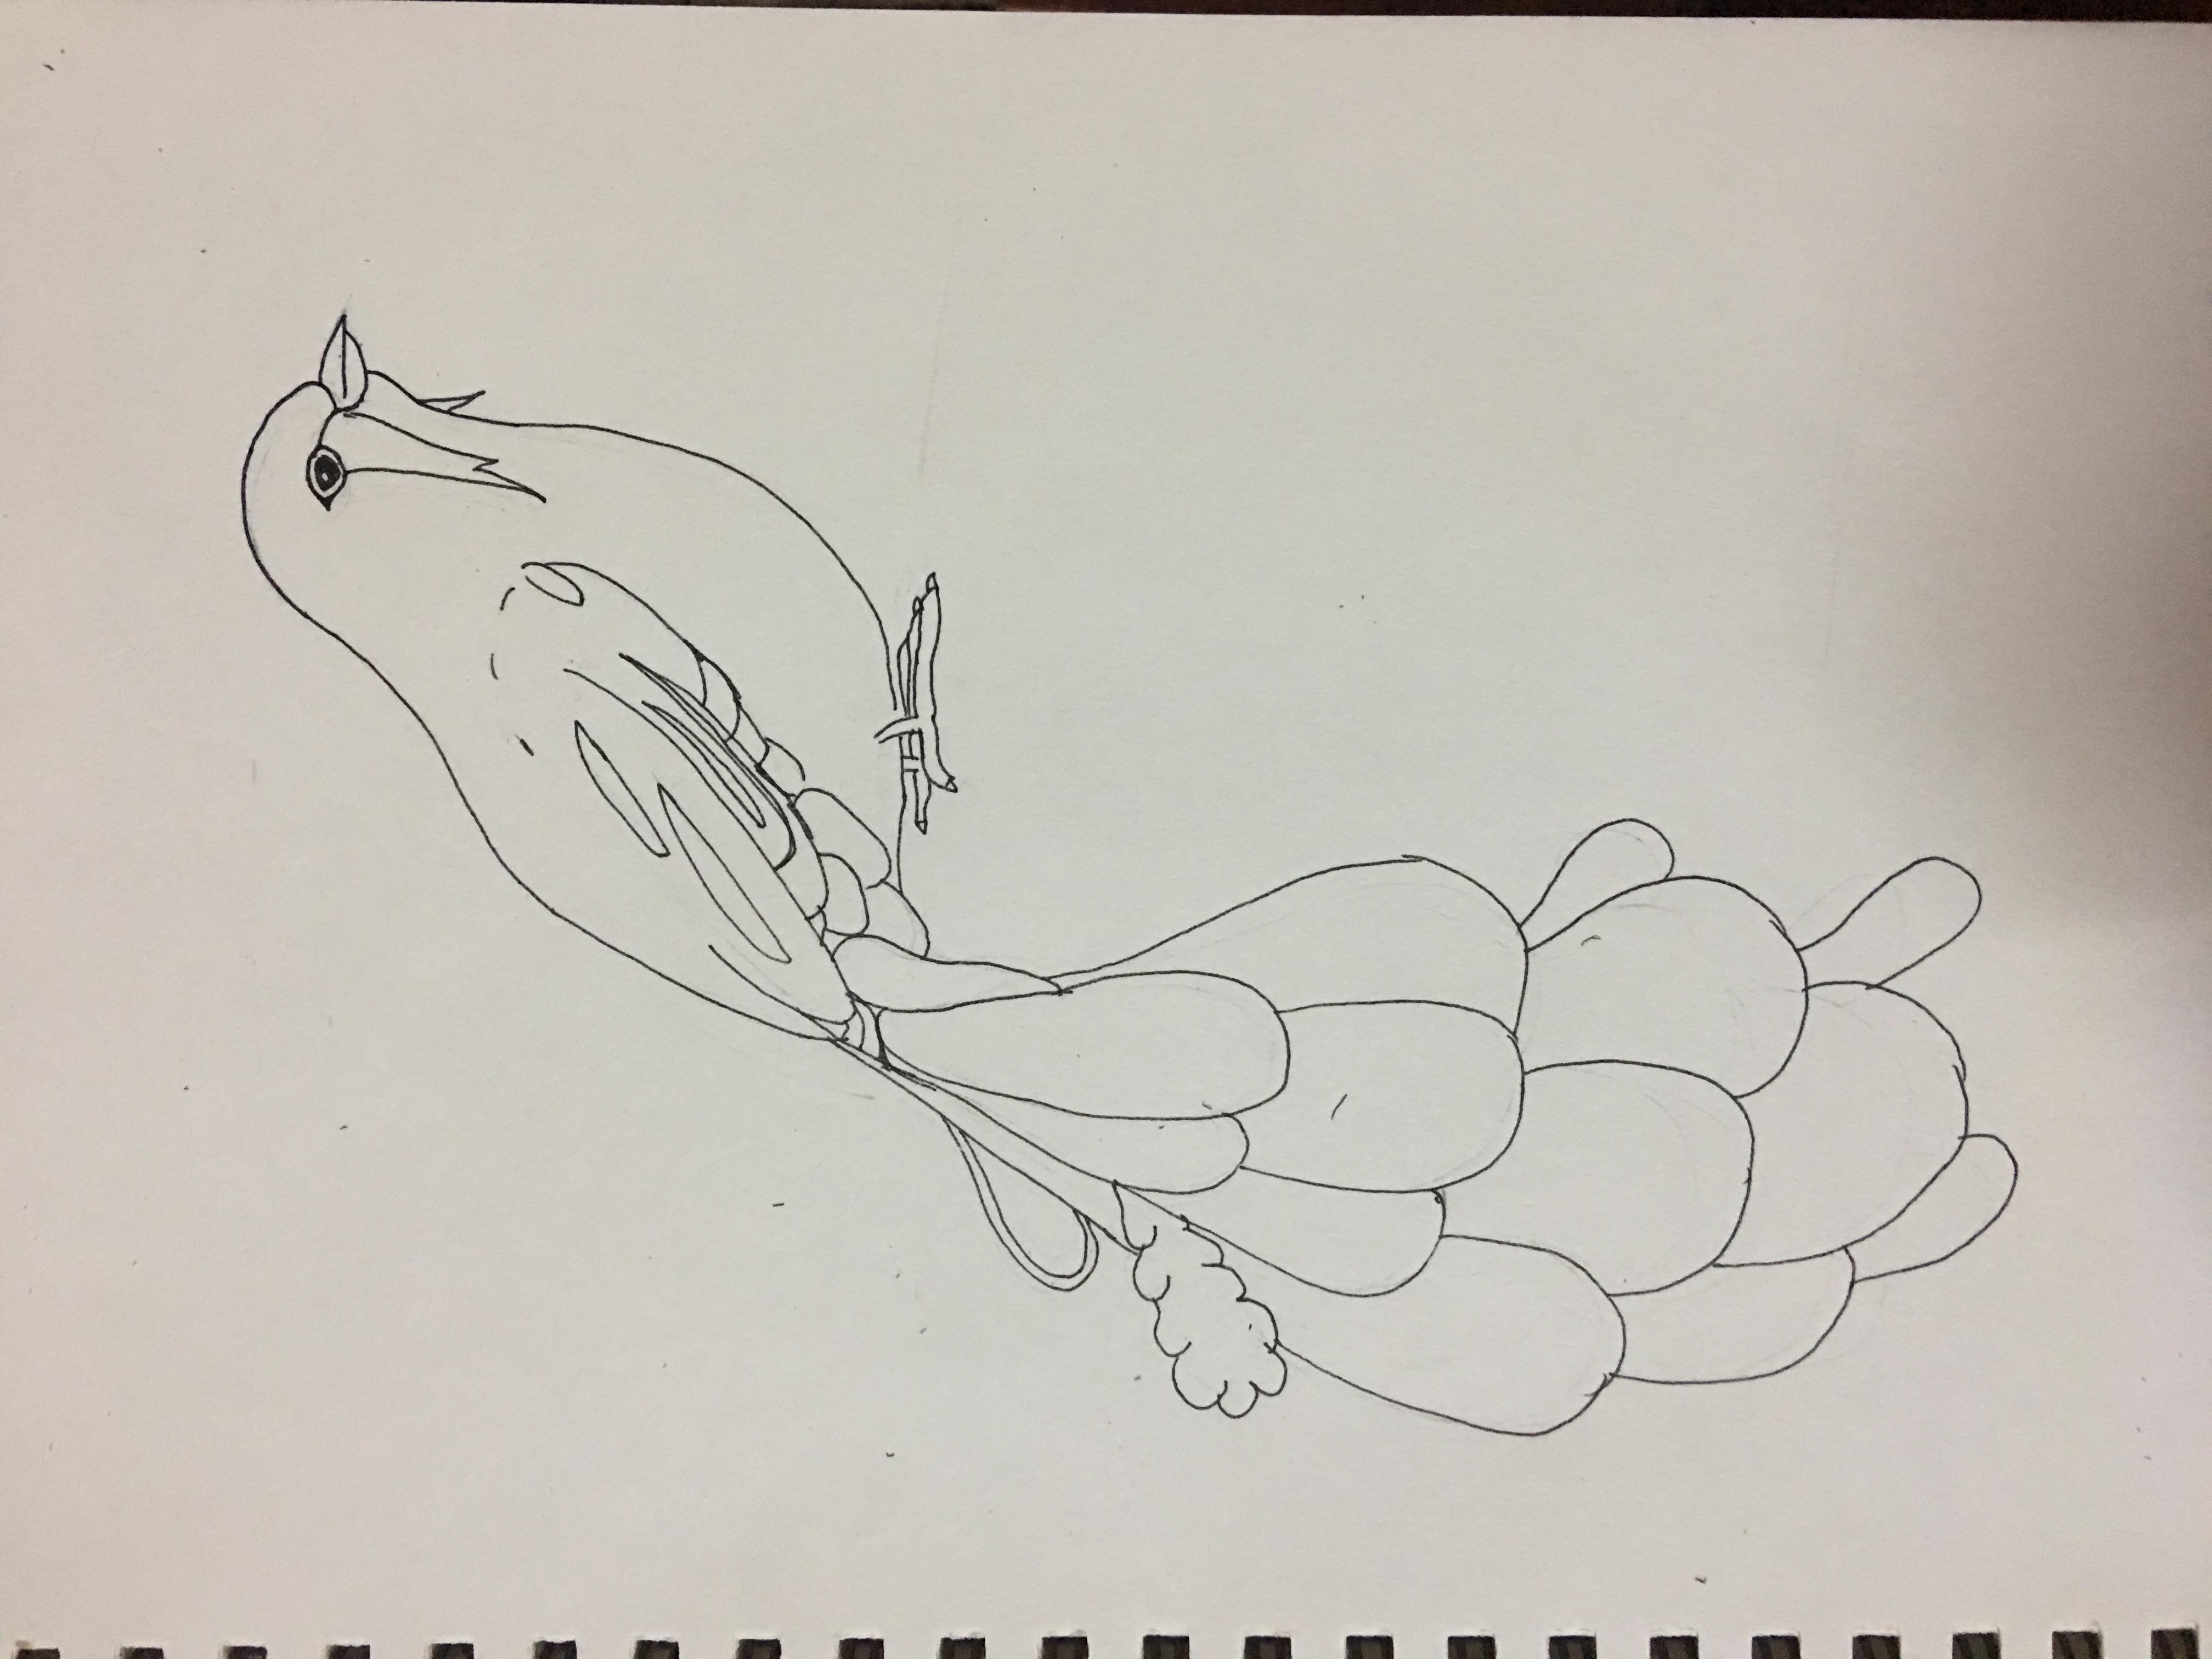 黑白线条插画 鸟羽 纯艺术 钢笔画 拥抱沙滩的鱼